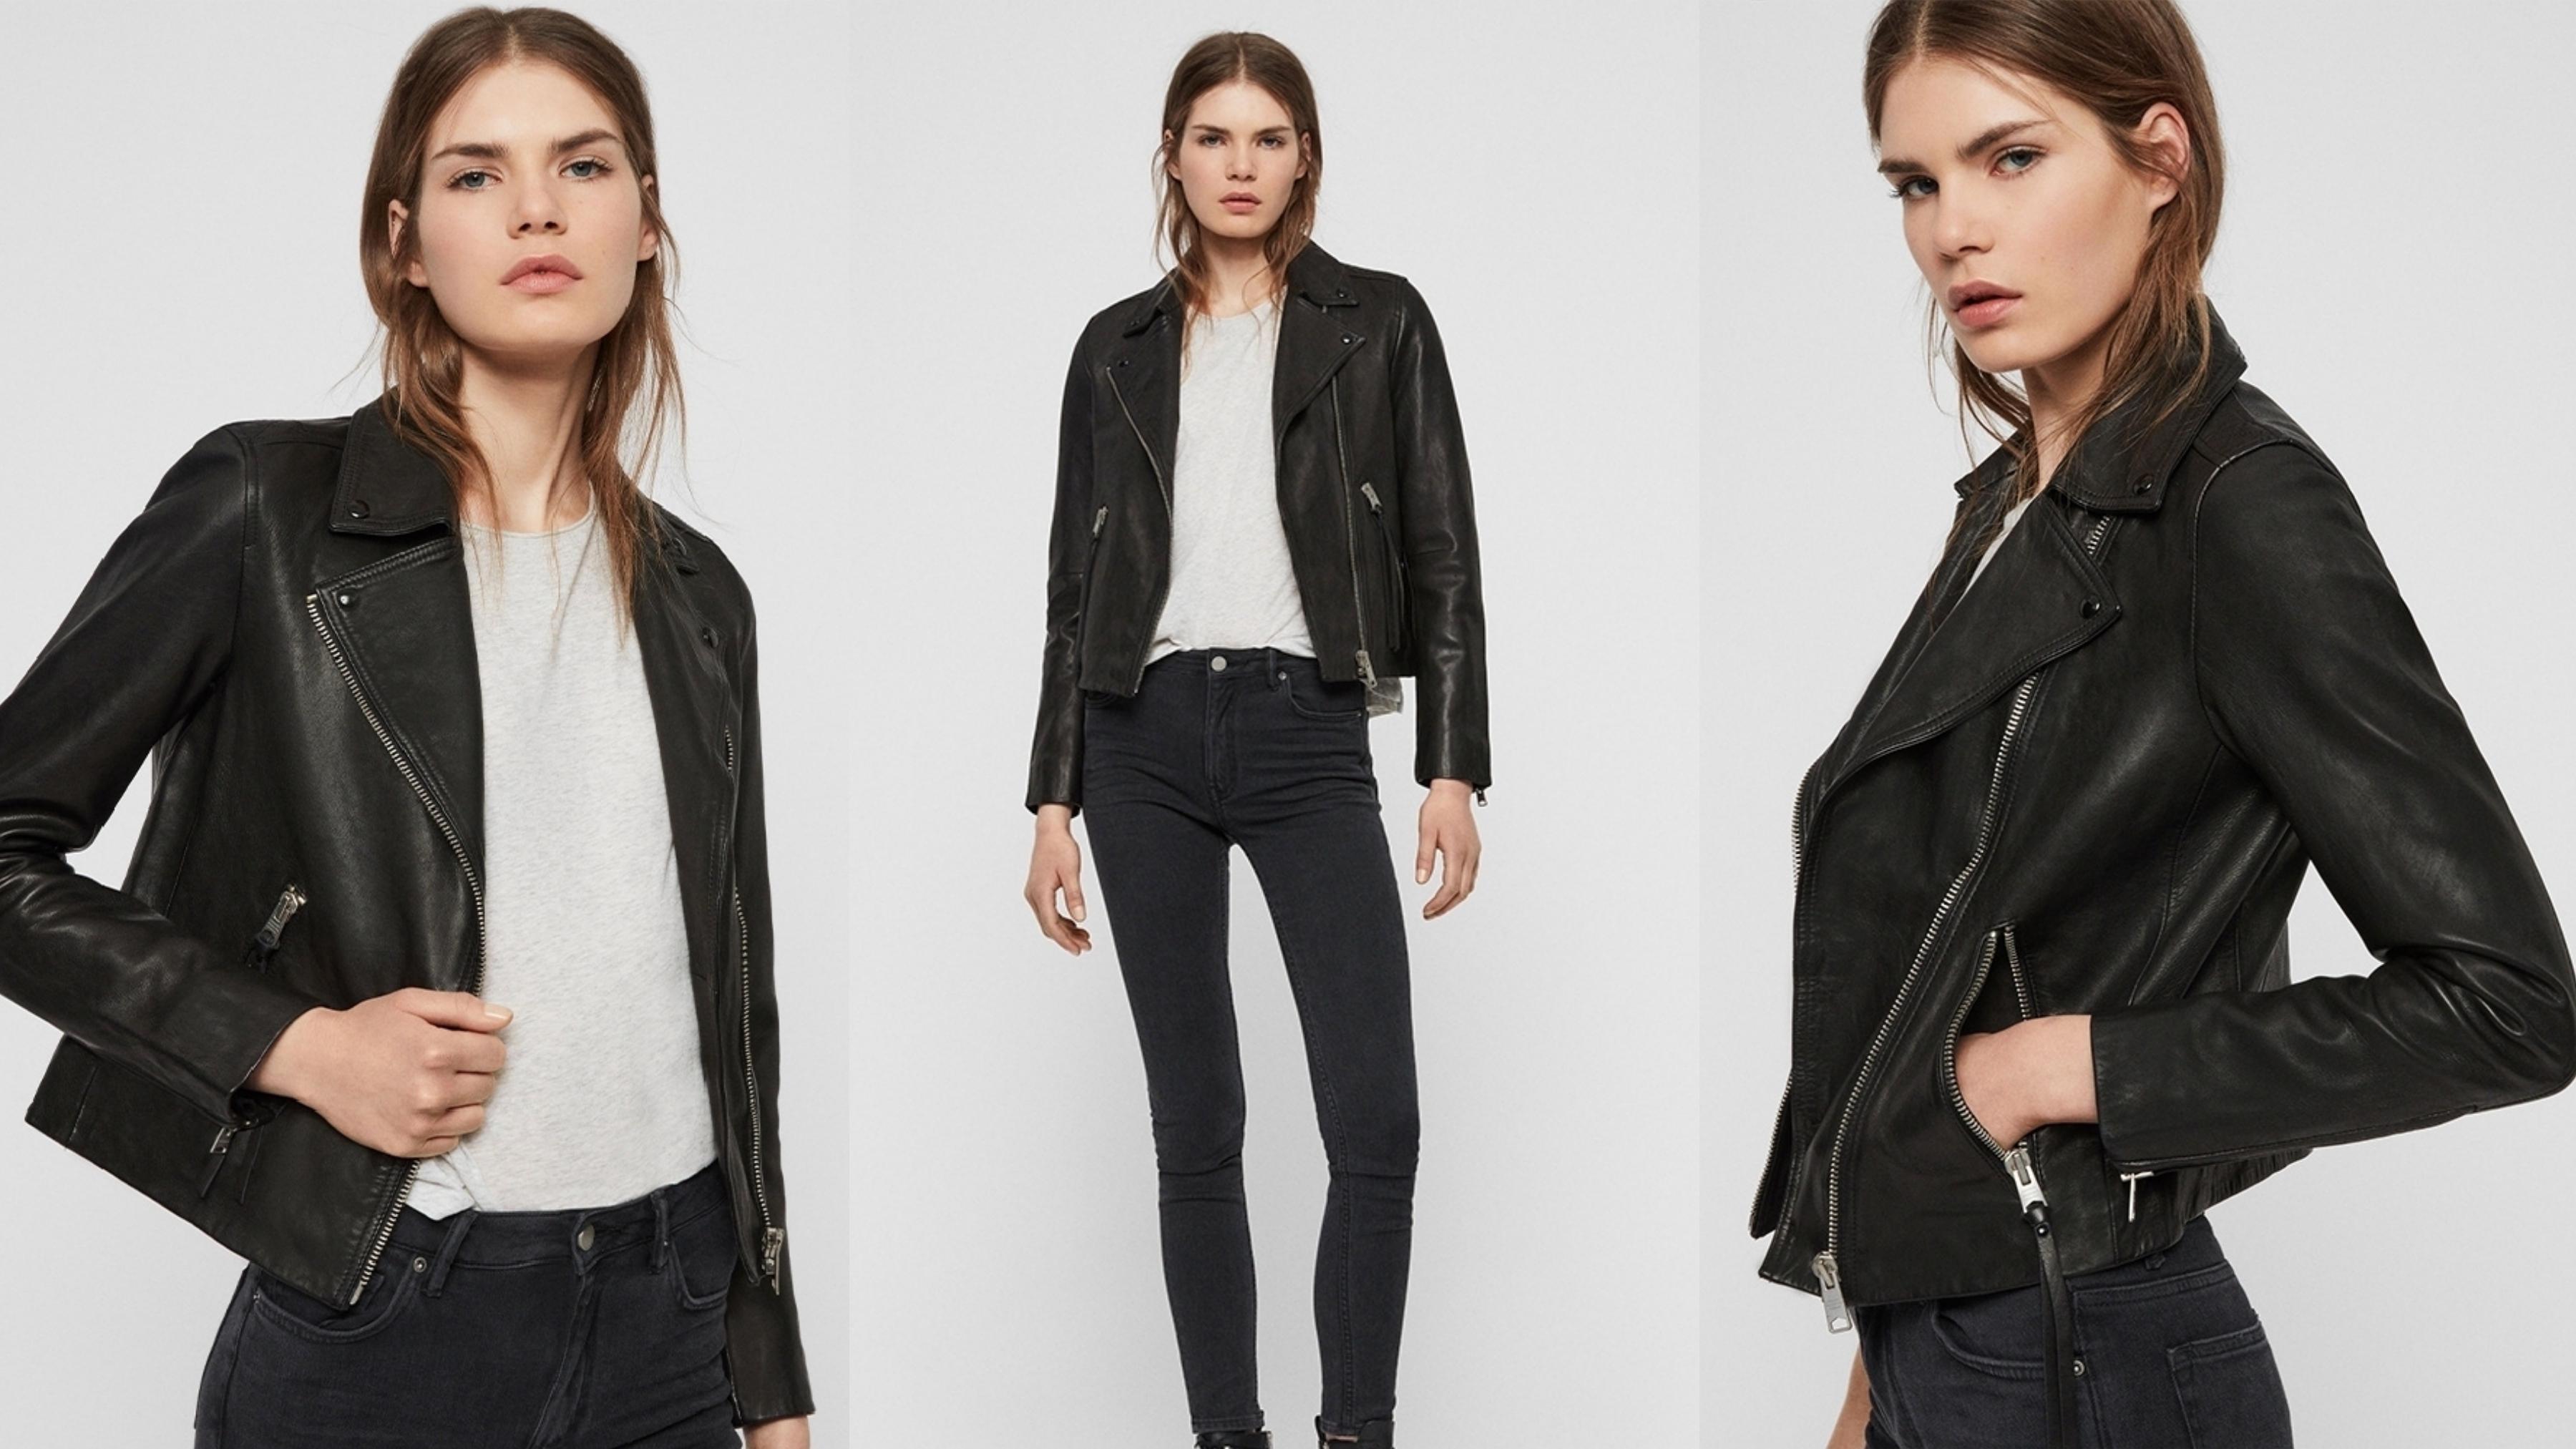 靈感來自經典的騎士皮衣,搭配雙口袋及不對稱拉鍊,整體呈現極簡主義